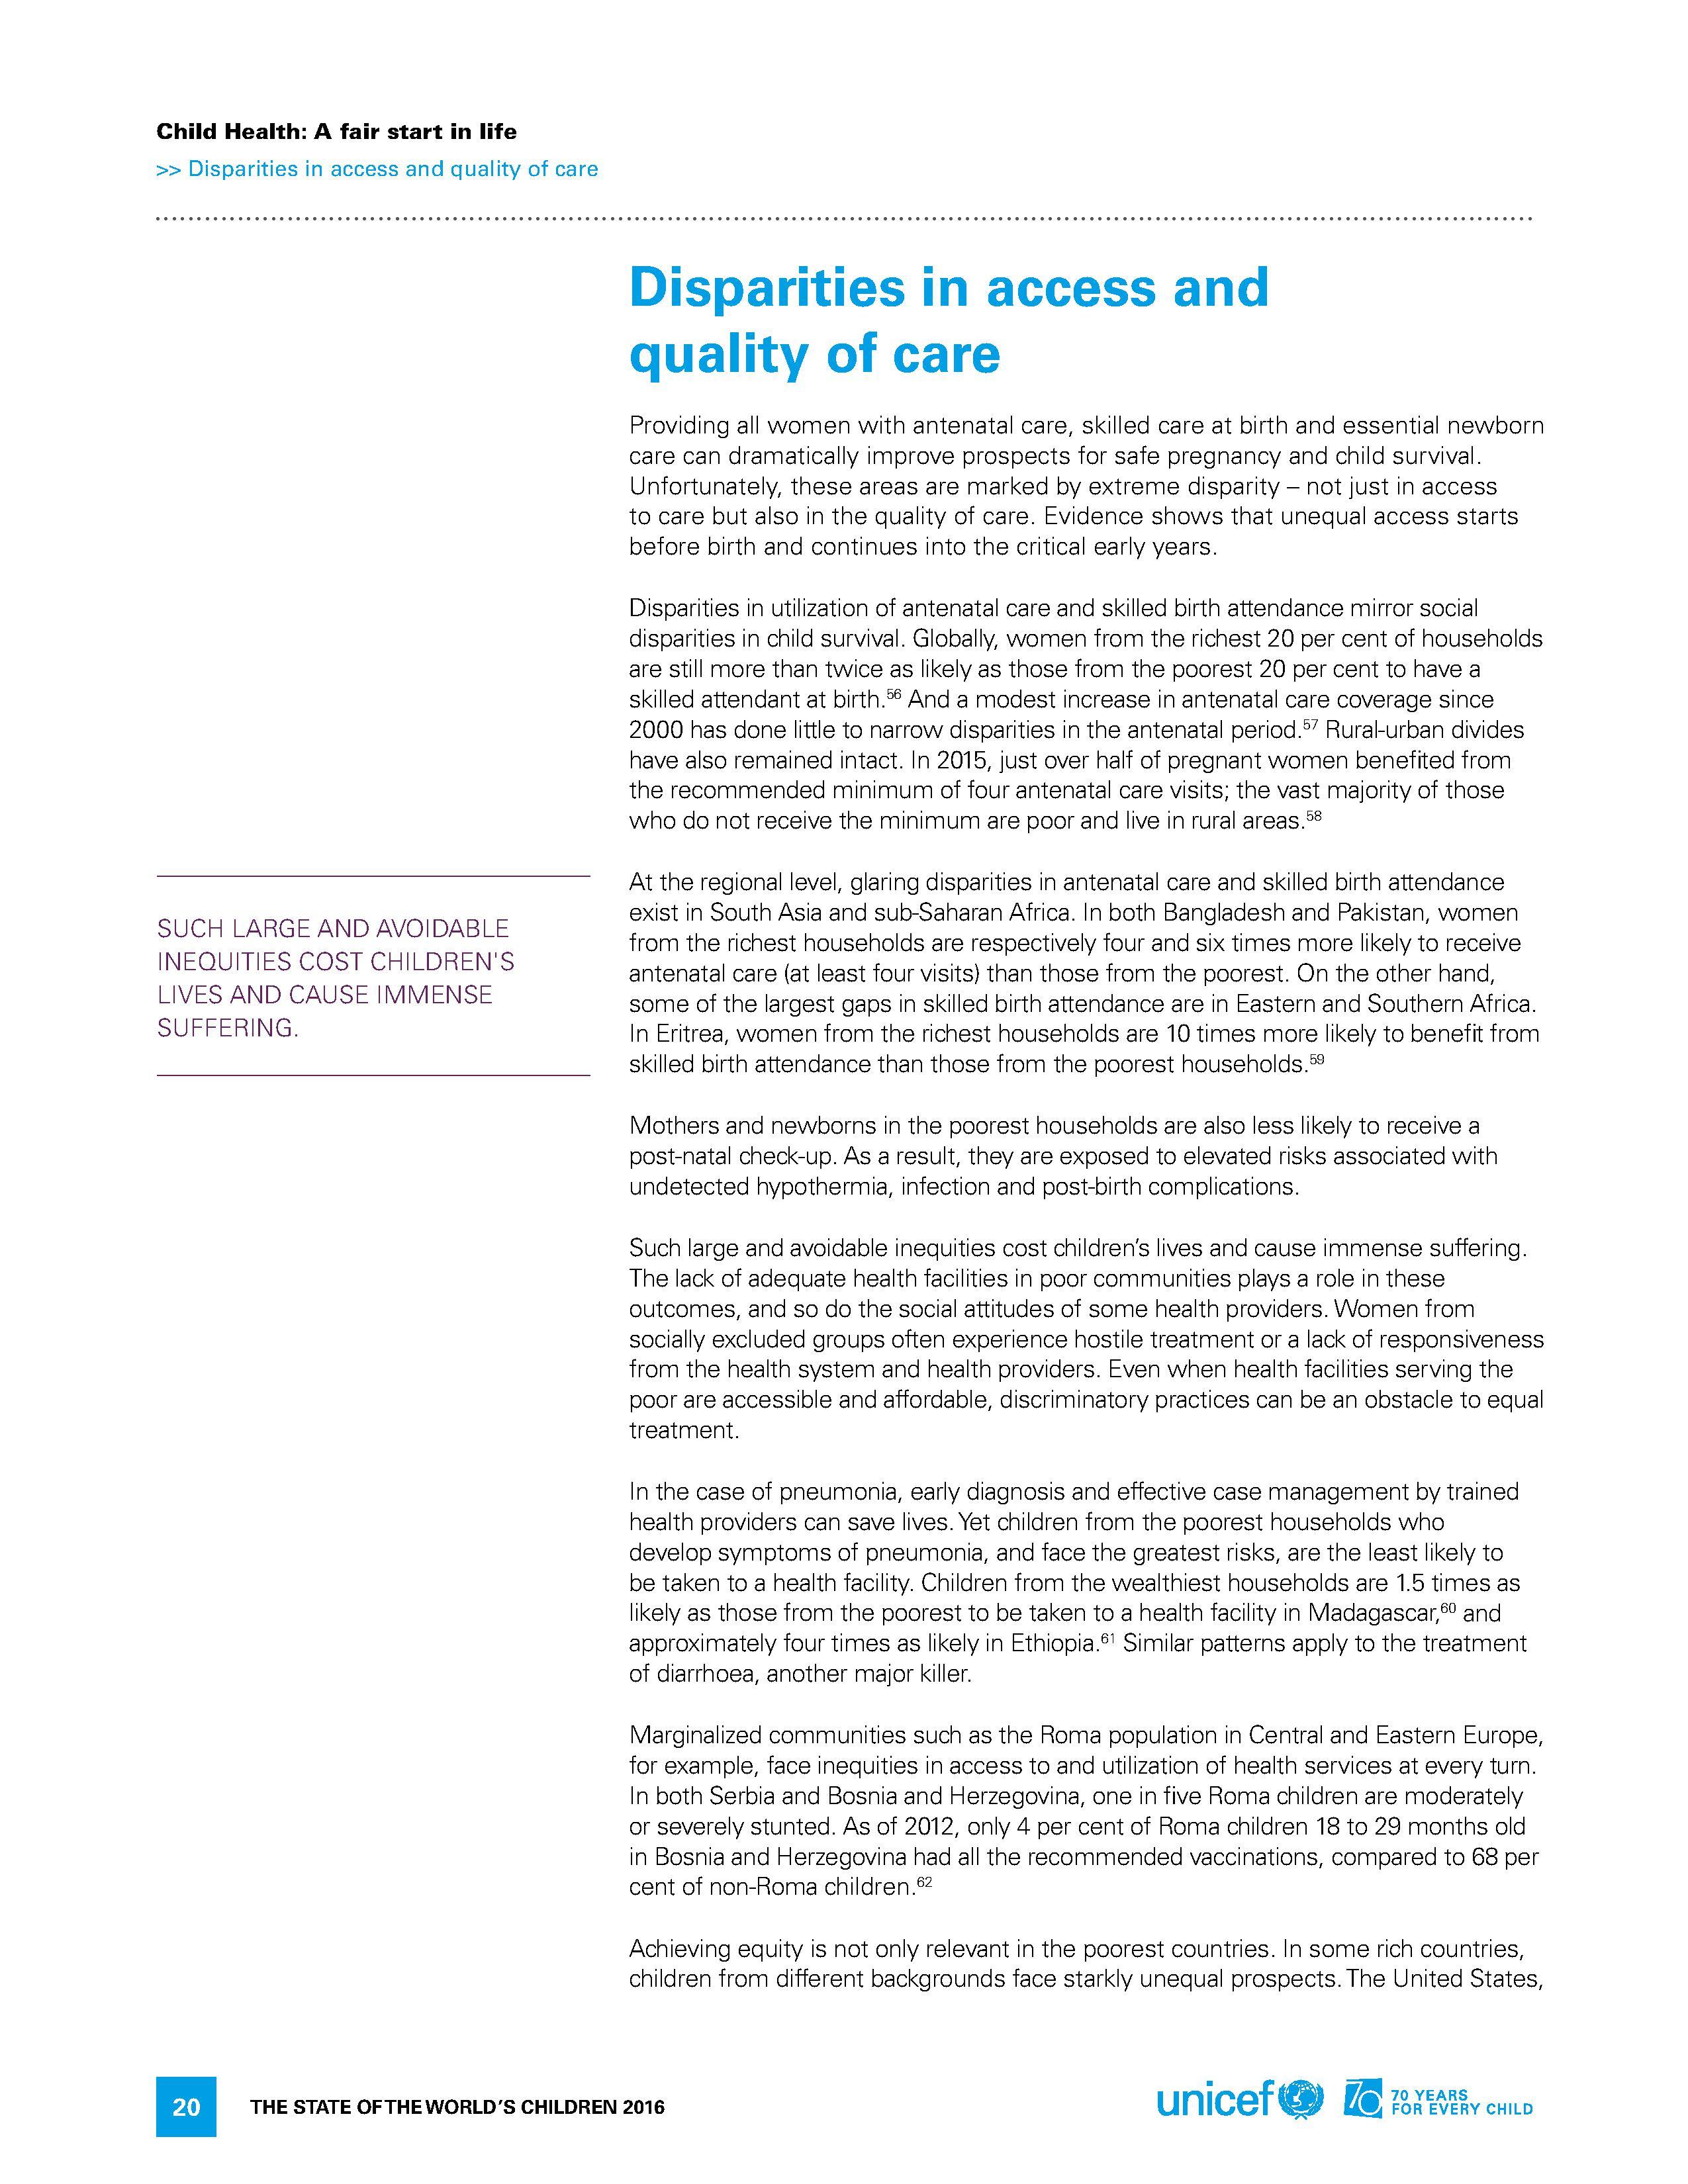 20 THE S T A T E OF T HE WORLD' S CHILDREN 2016 Child Health: A fair start in life >> Disparities in access and quality of care Disparities in access ...